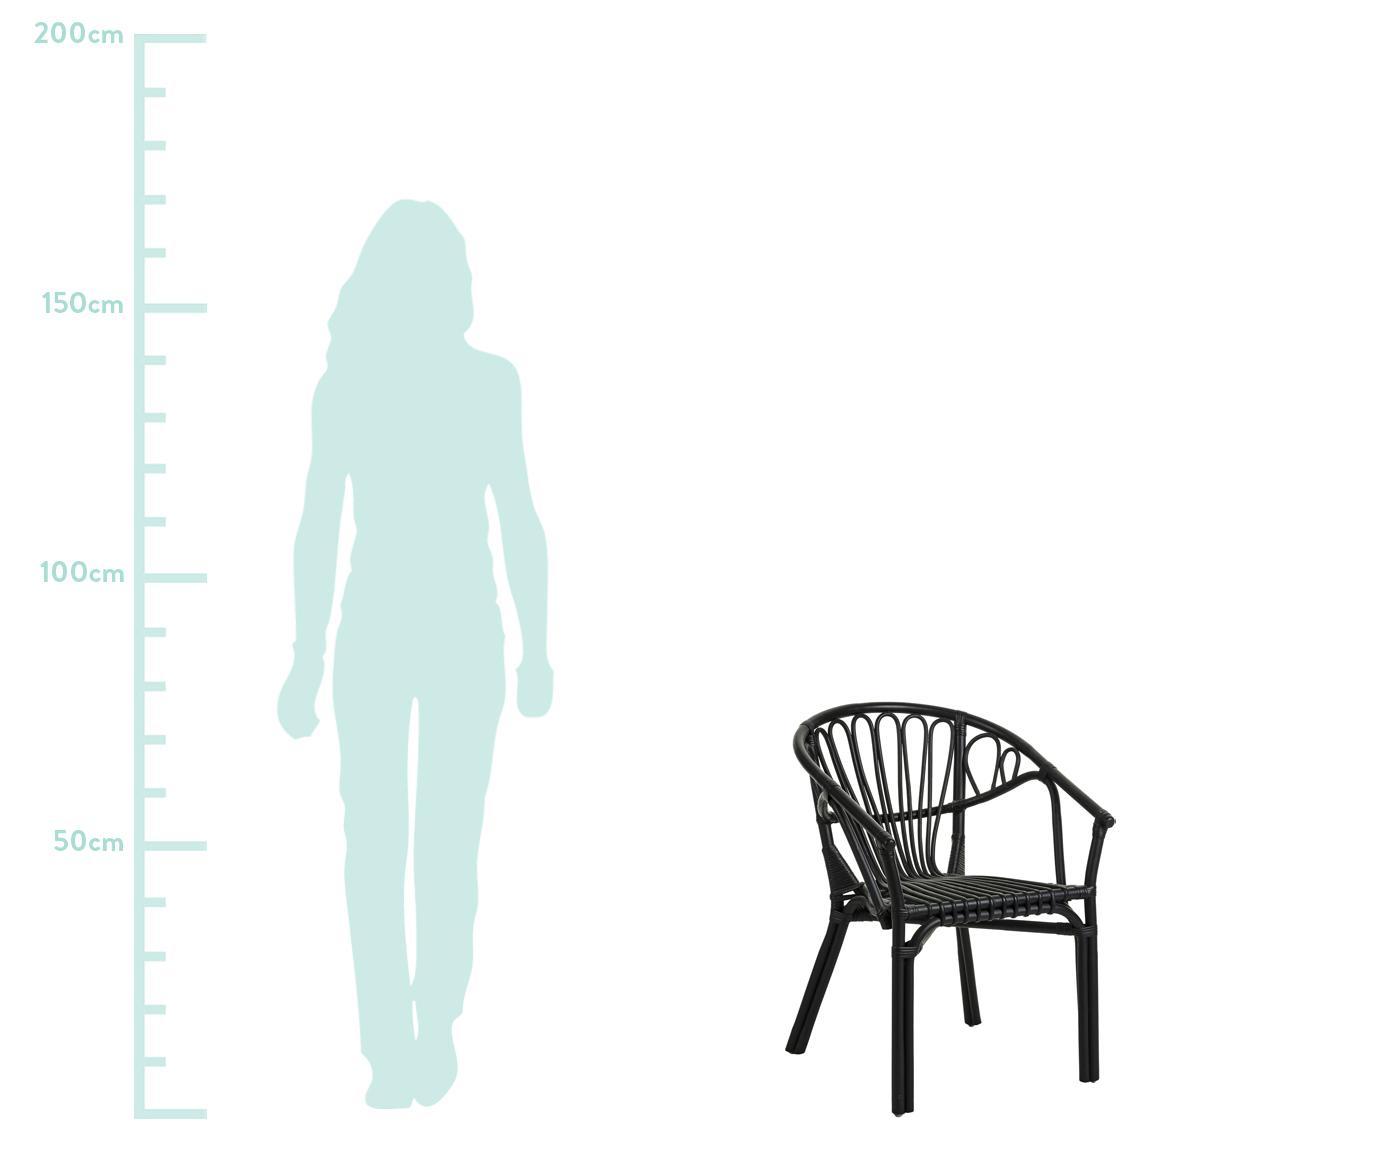 Krzesło z rattanu z podłokietnikami Ganga, Rattan lakierowany z powłoką odporną na warunki atmosferyczne, Czarny, S 56 x G 60 cm